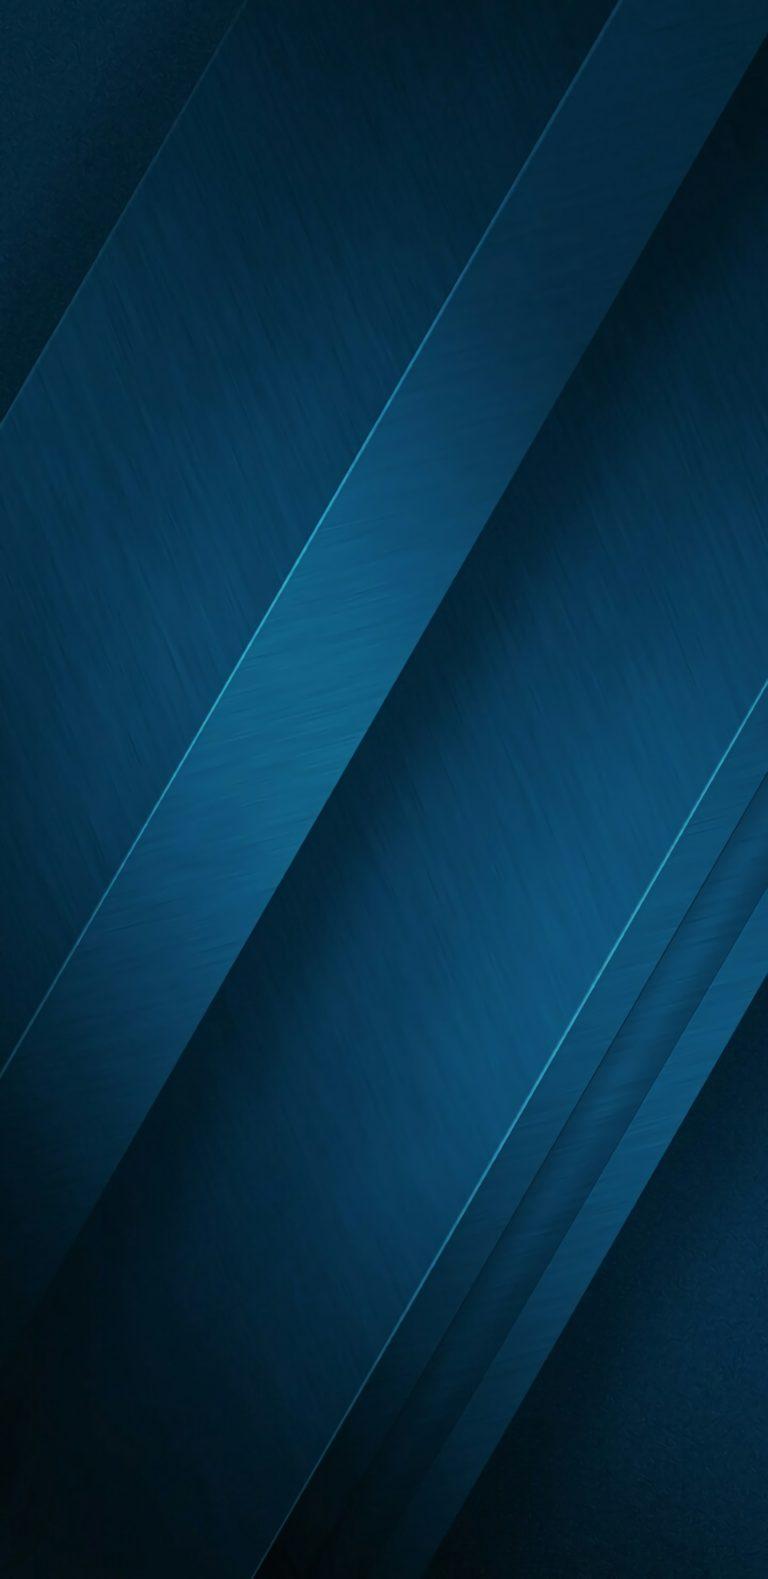 1440x2960 HD Wallpaper - 070